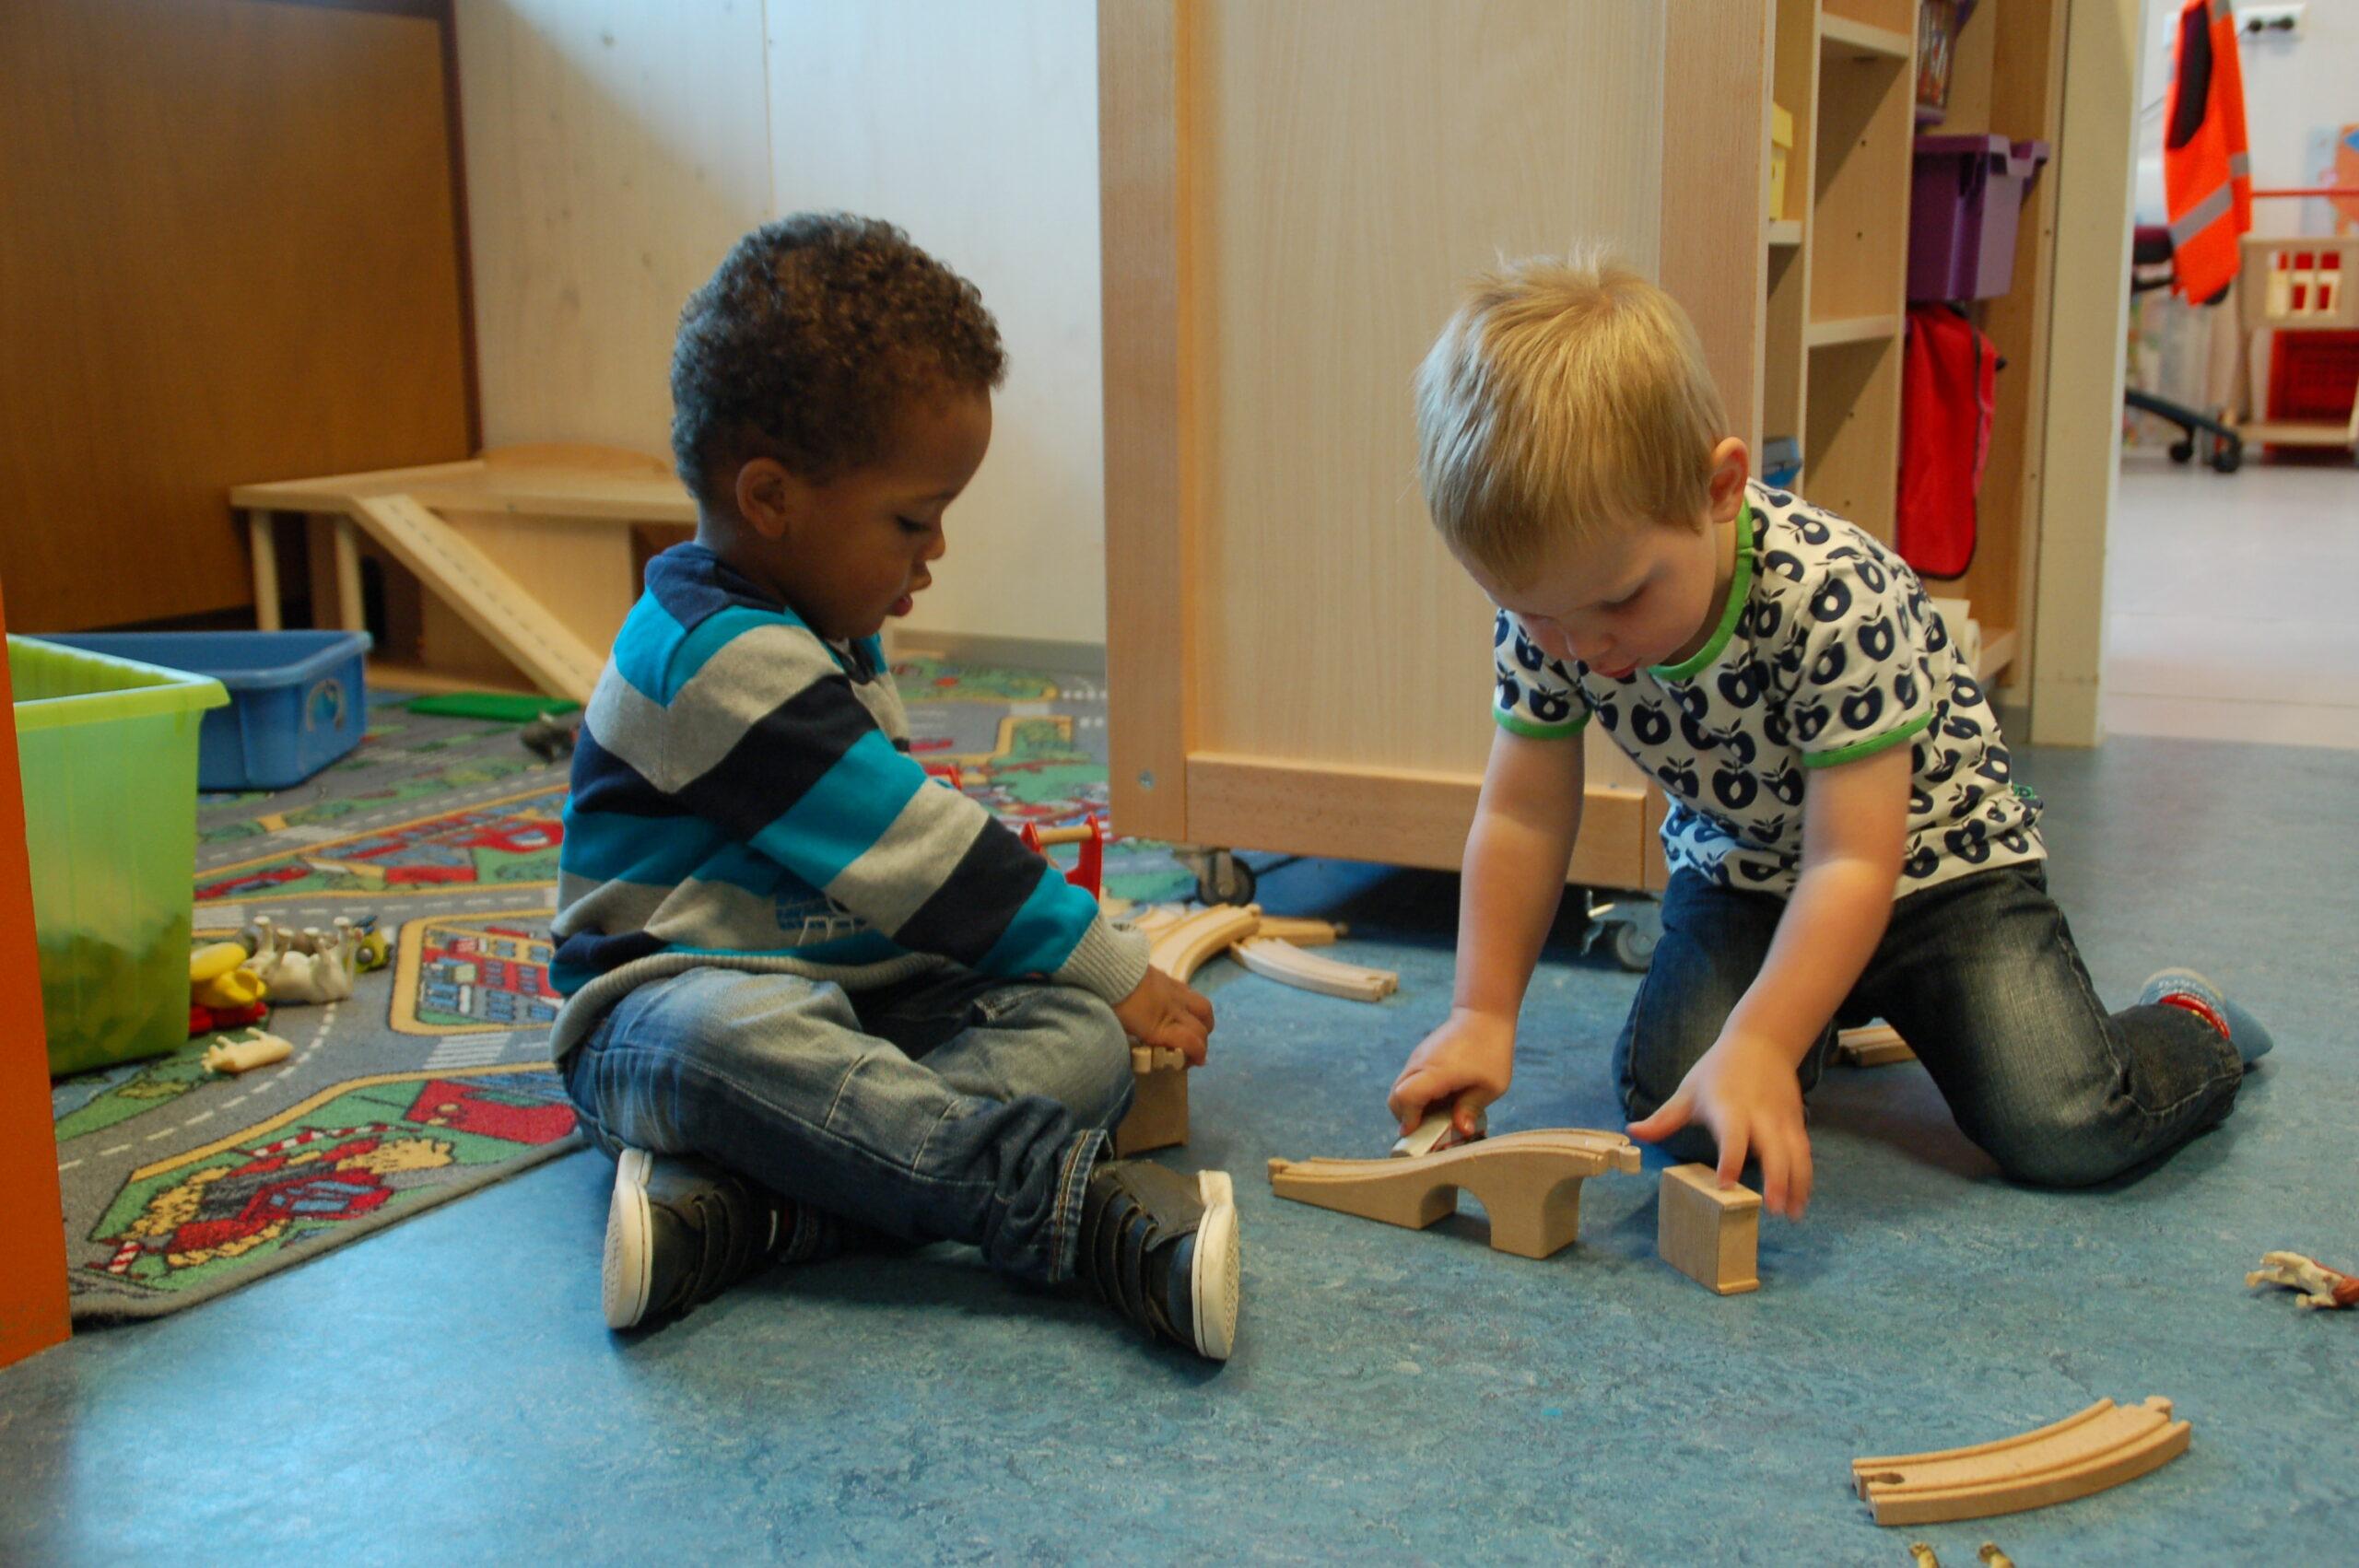 Peuteropvang 't Brugwachtertje -Beijum - Groningen - Kids First COP groep